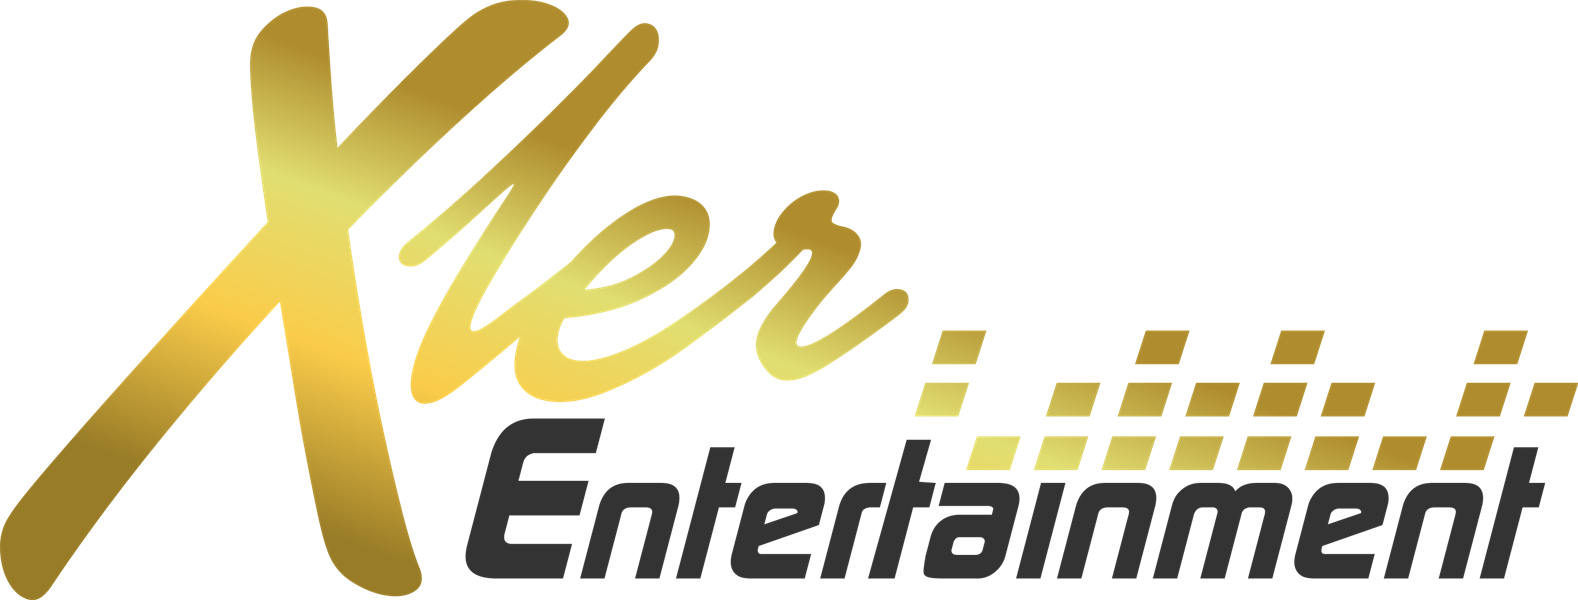 Xler Entertainment